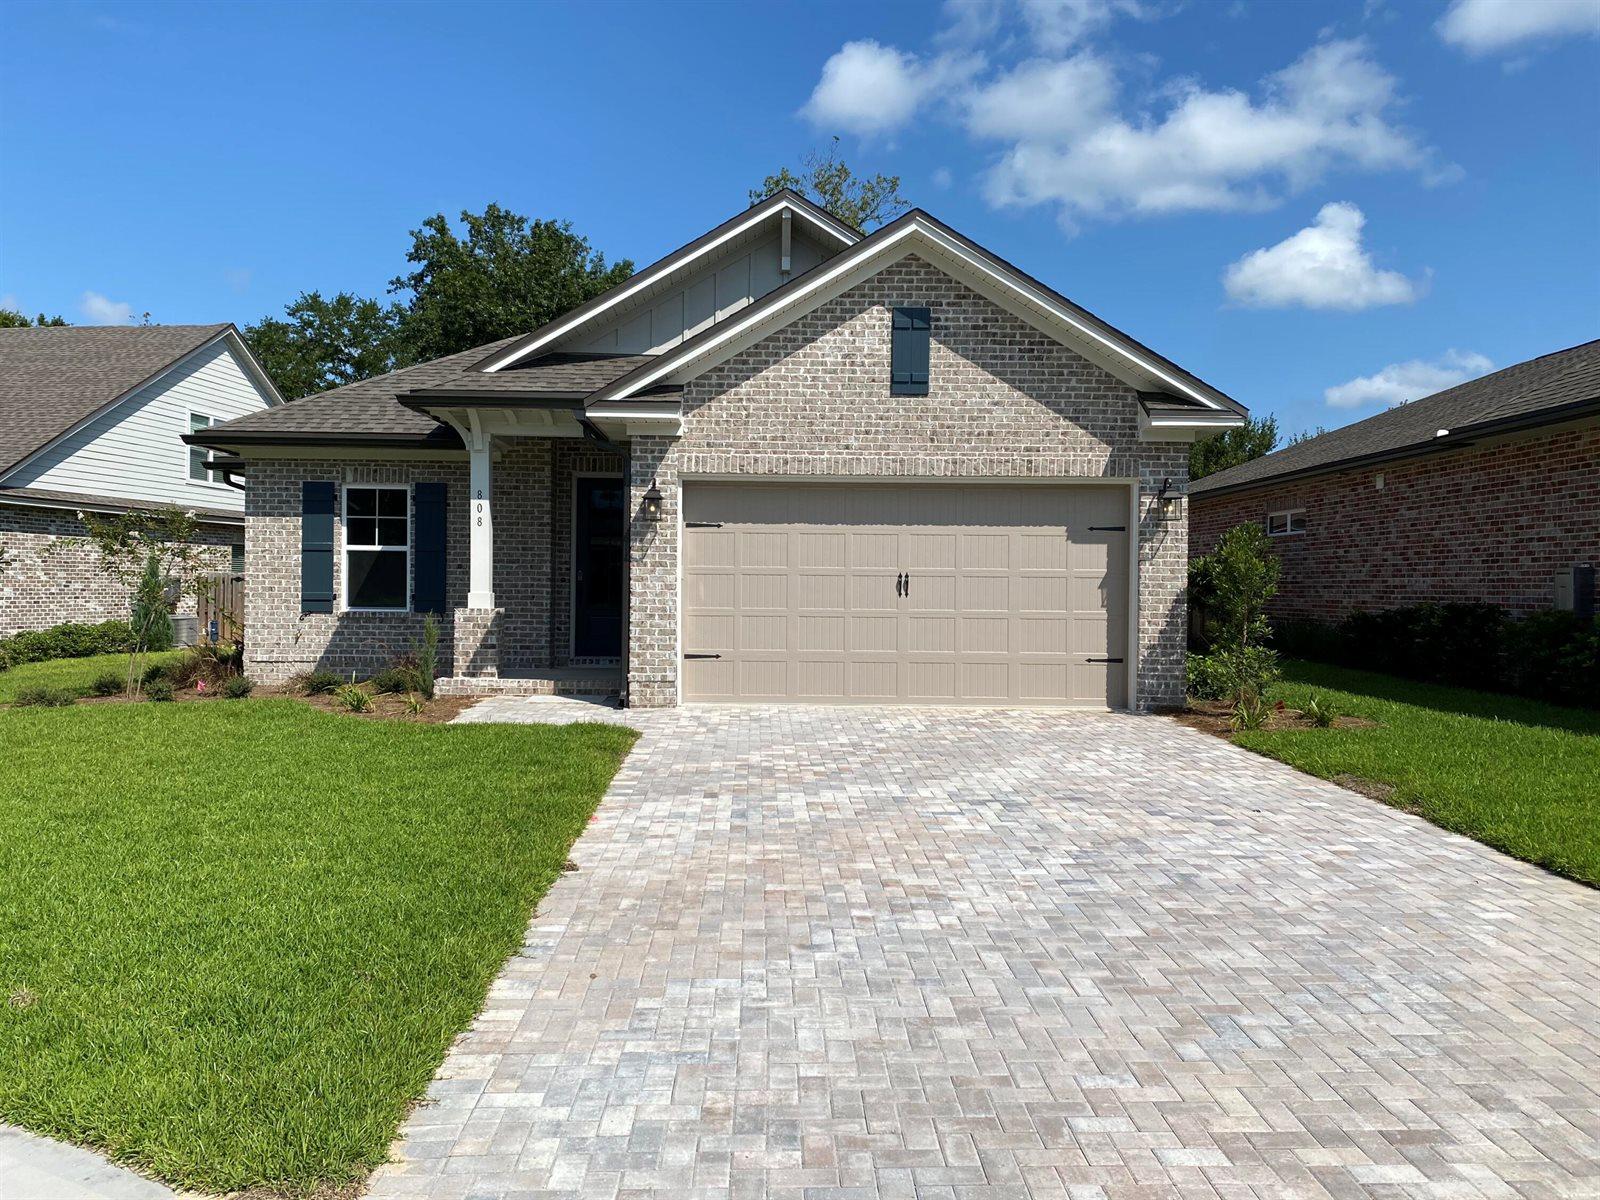 808 Raihope Way, Niceville, FL 32578